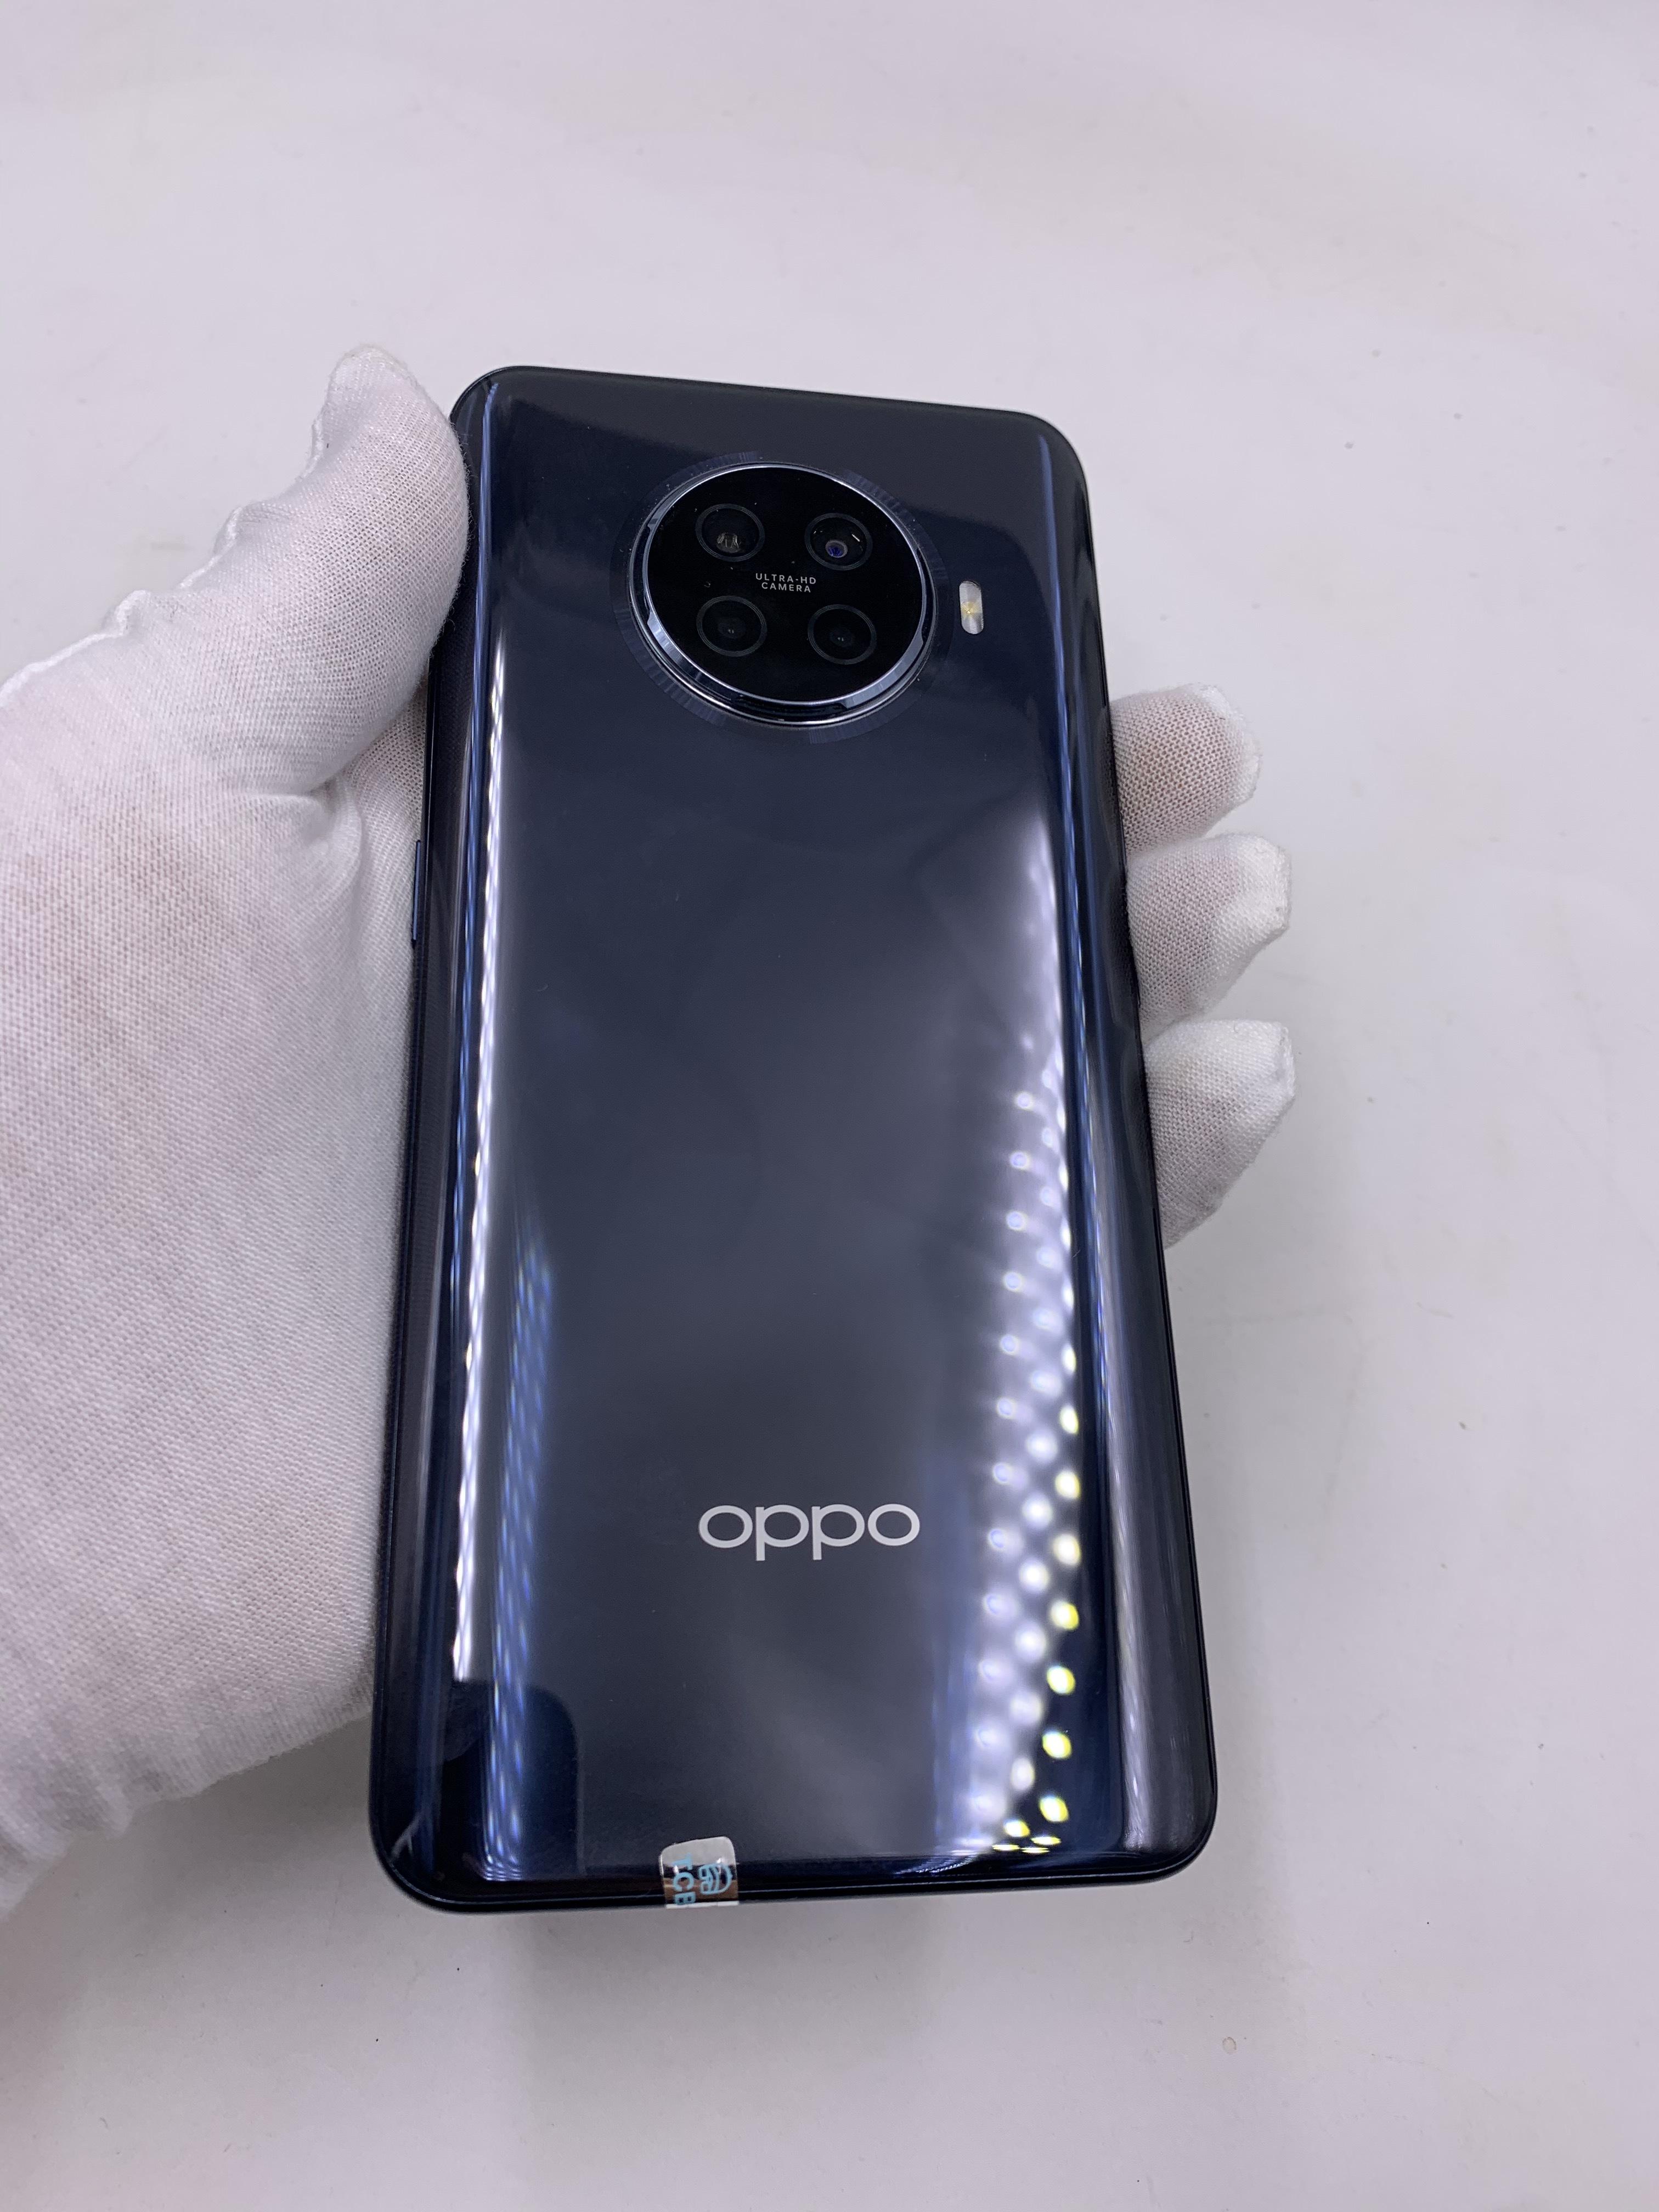 oppo【Ace2 5G】5G全网通 月岩灰 8G/256G 国行 95新